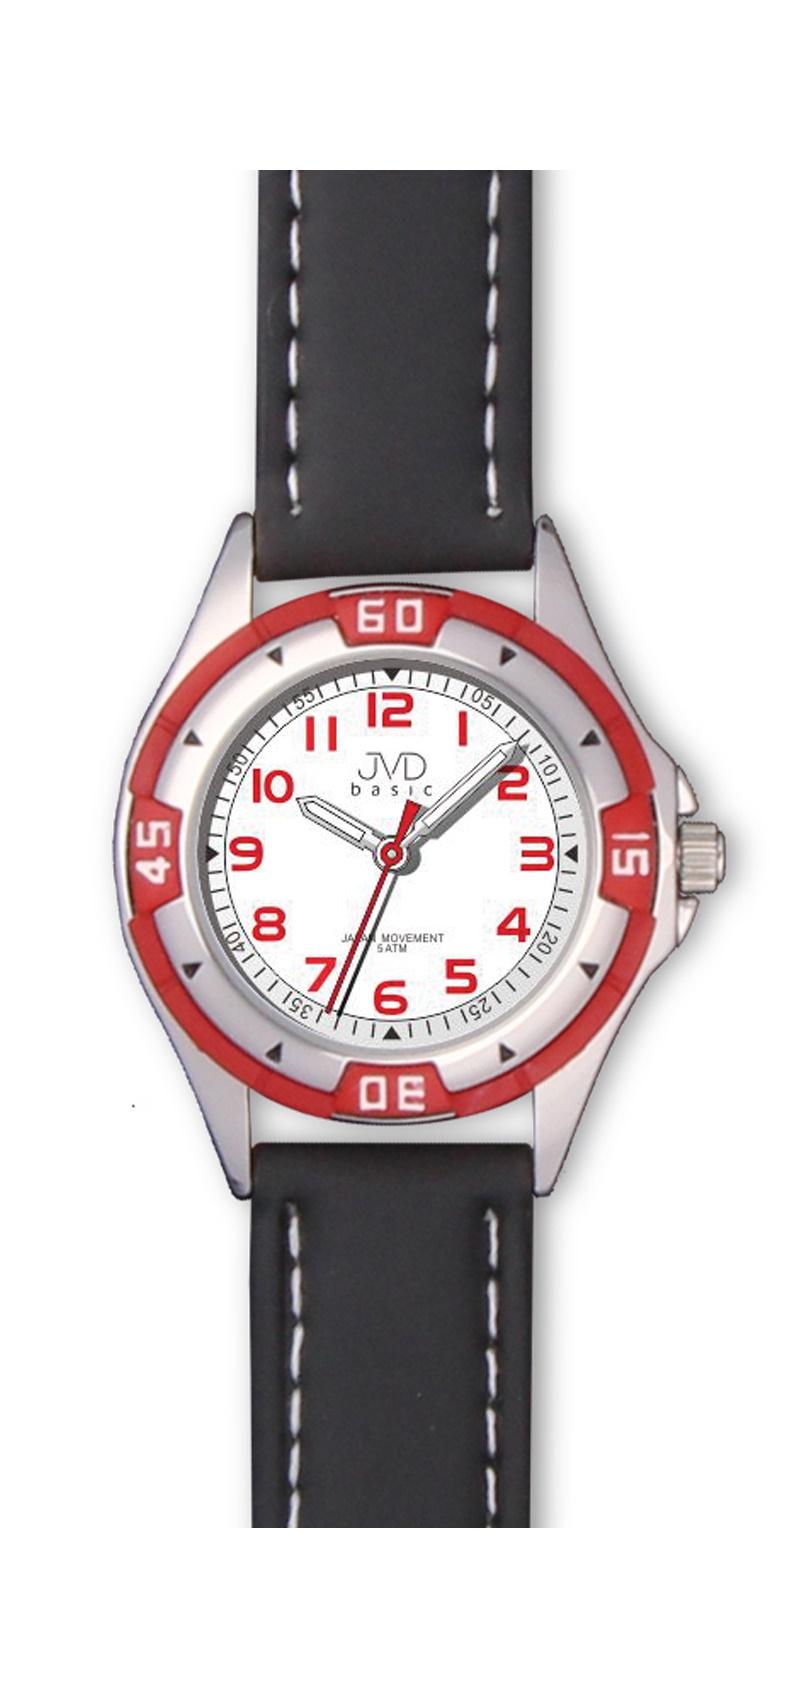 Chlapecké dětské voděodolné sportovní hodinky JVD J7099.1 - 5ATM (chlapecké hodinky)